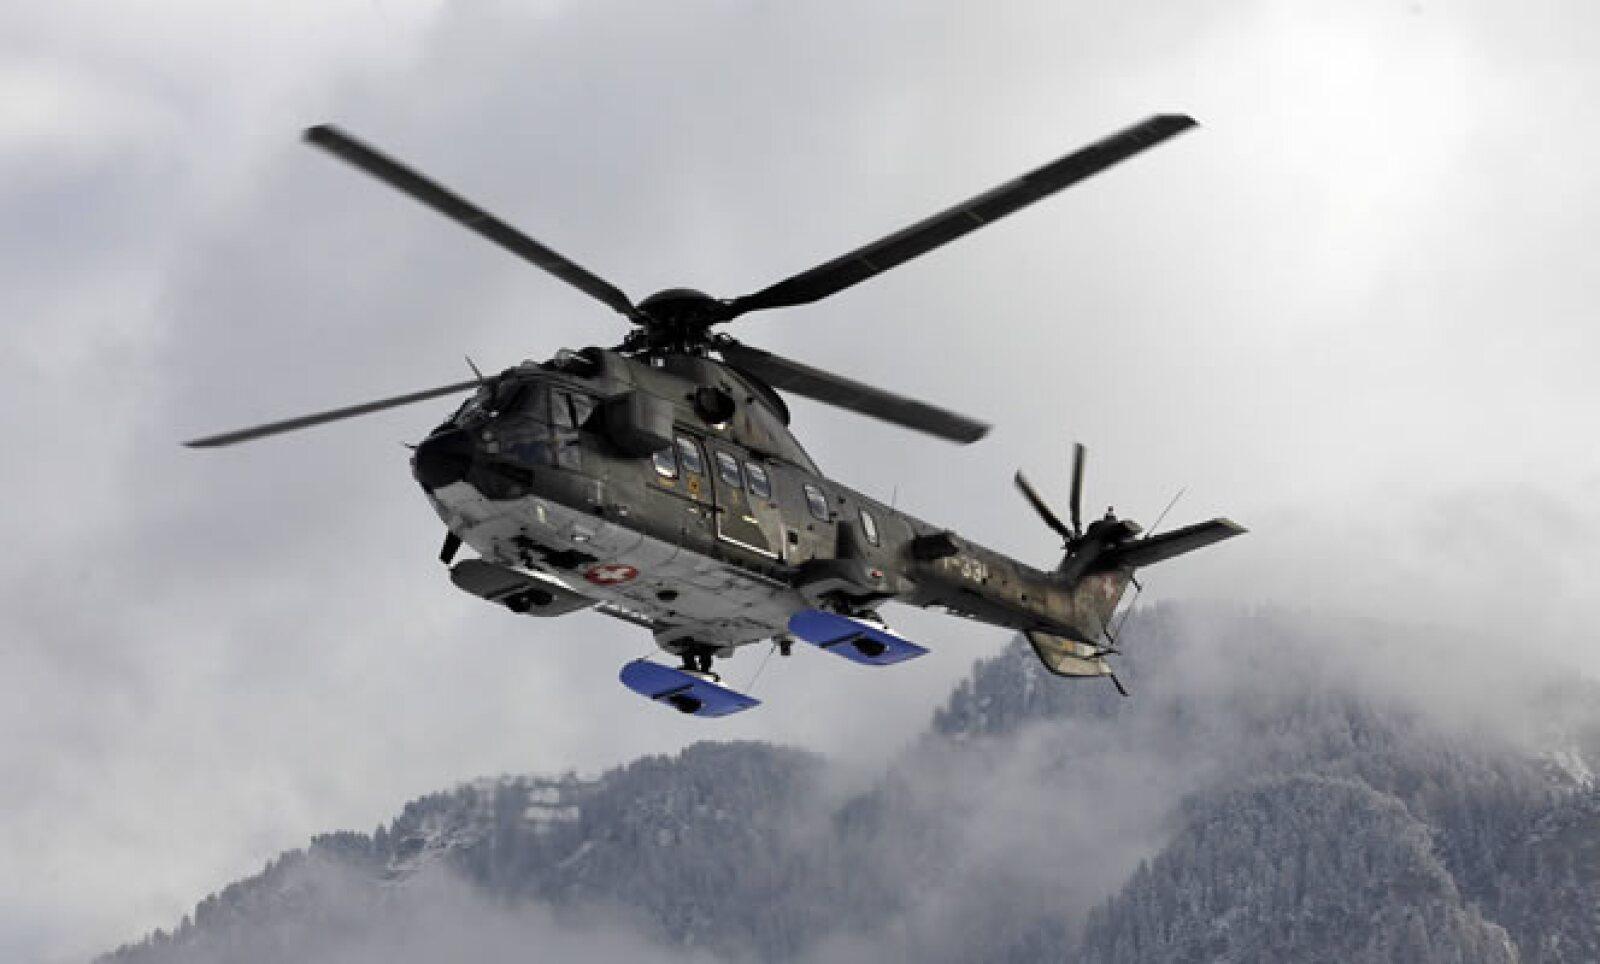 Las fuerzas aéreas militares realizan vuelos de vigilancia, controles por radar y están disponibles para actuar aviones F18 y helicópteros Pc-7.